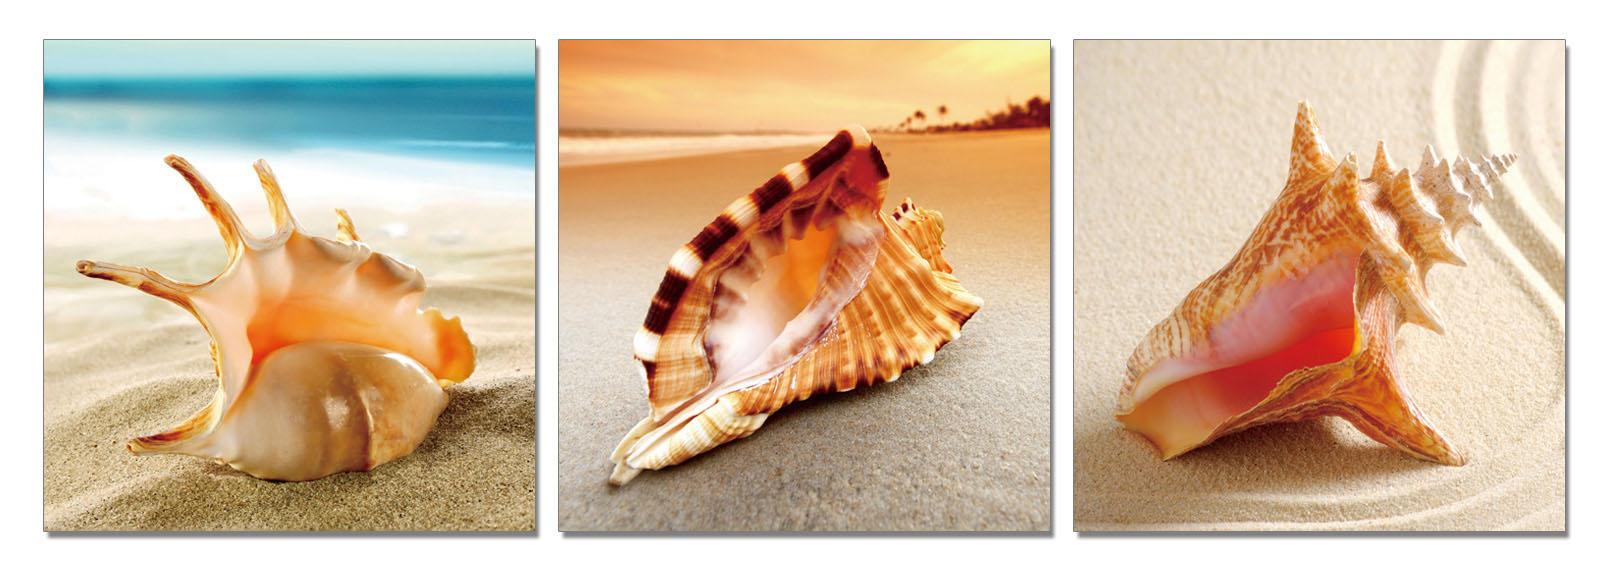 聚鯨Cetacea﹡Art【貝殼TC-25610ABC印製畫】貝殼砂 無框畫 裝飾畫 居家裝飾 商業空間